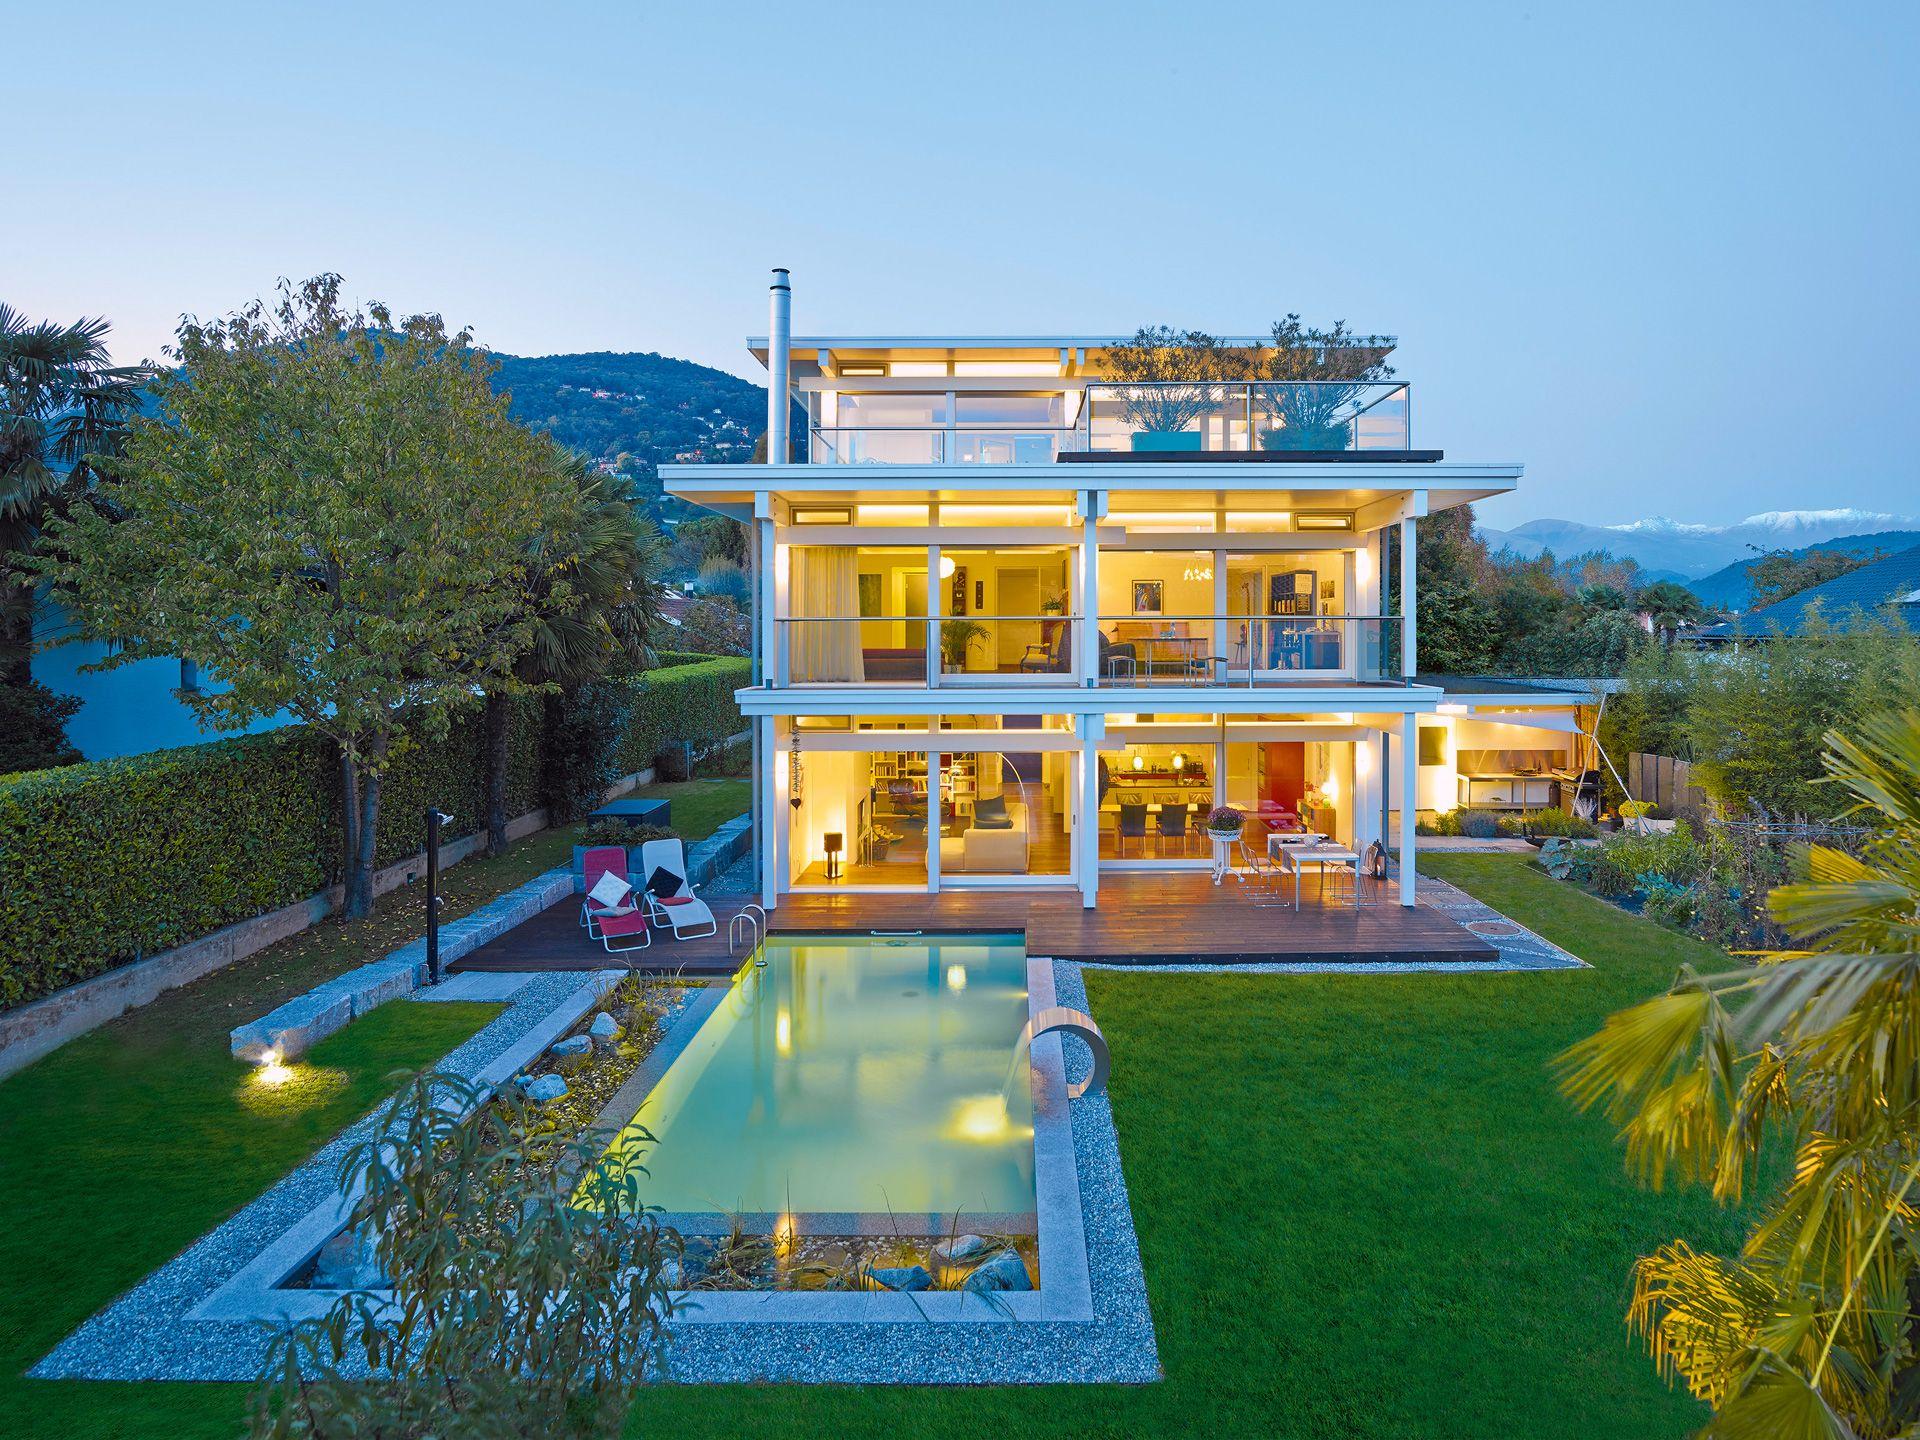 Huf Haus Art Flachdach Fachwerkhaus Von Huf Haus Luxurioses